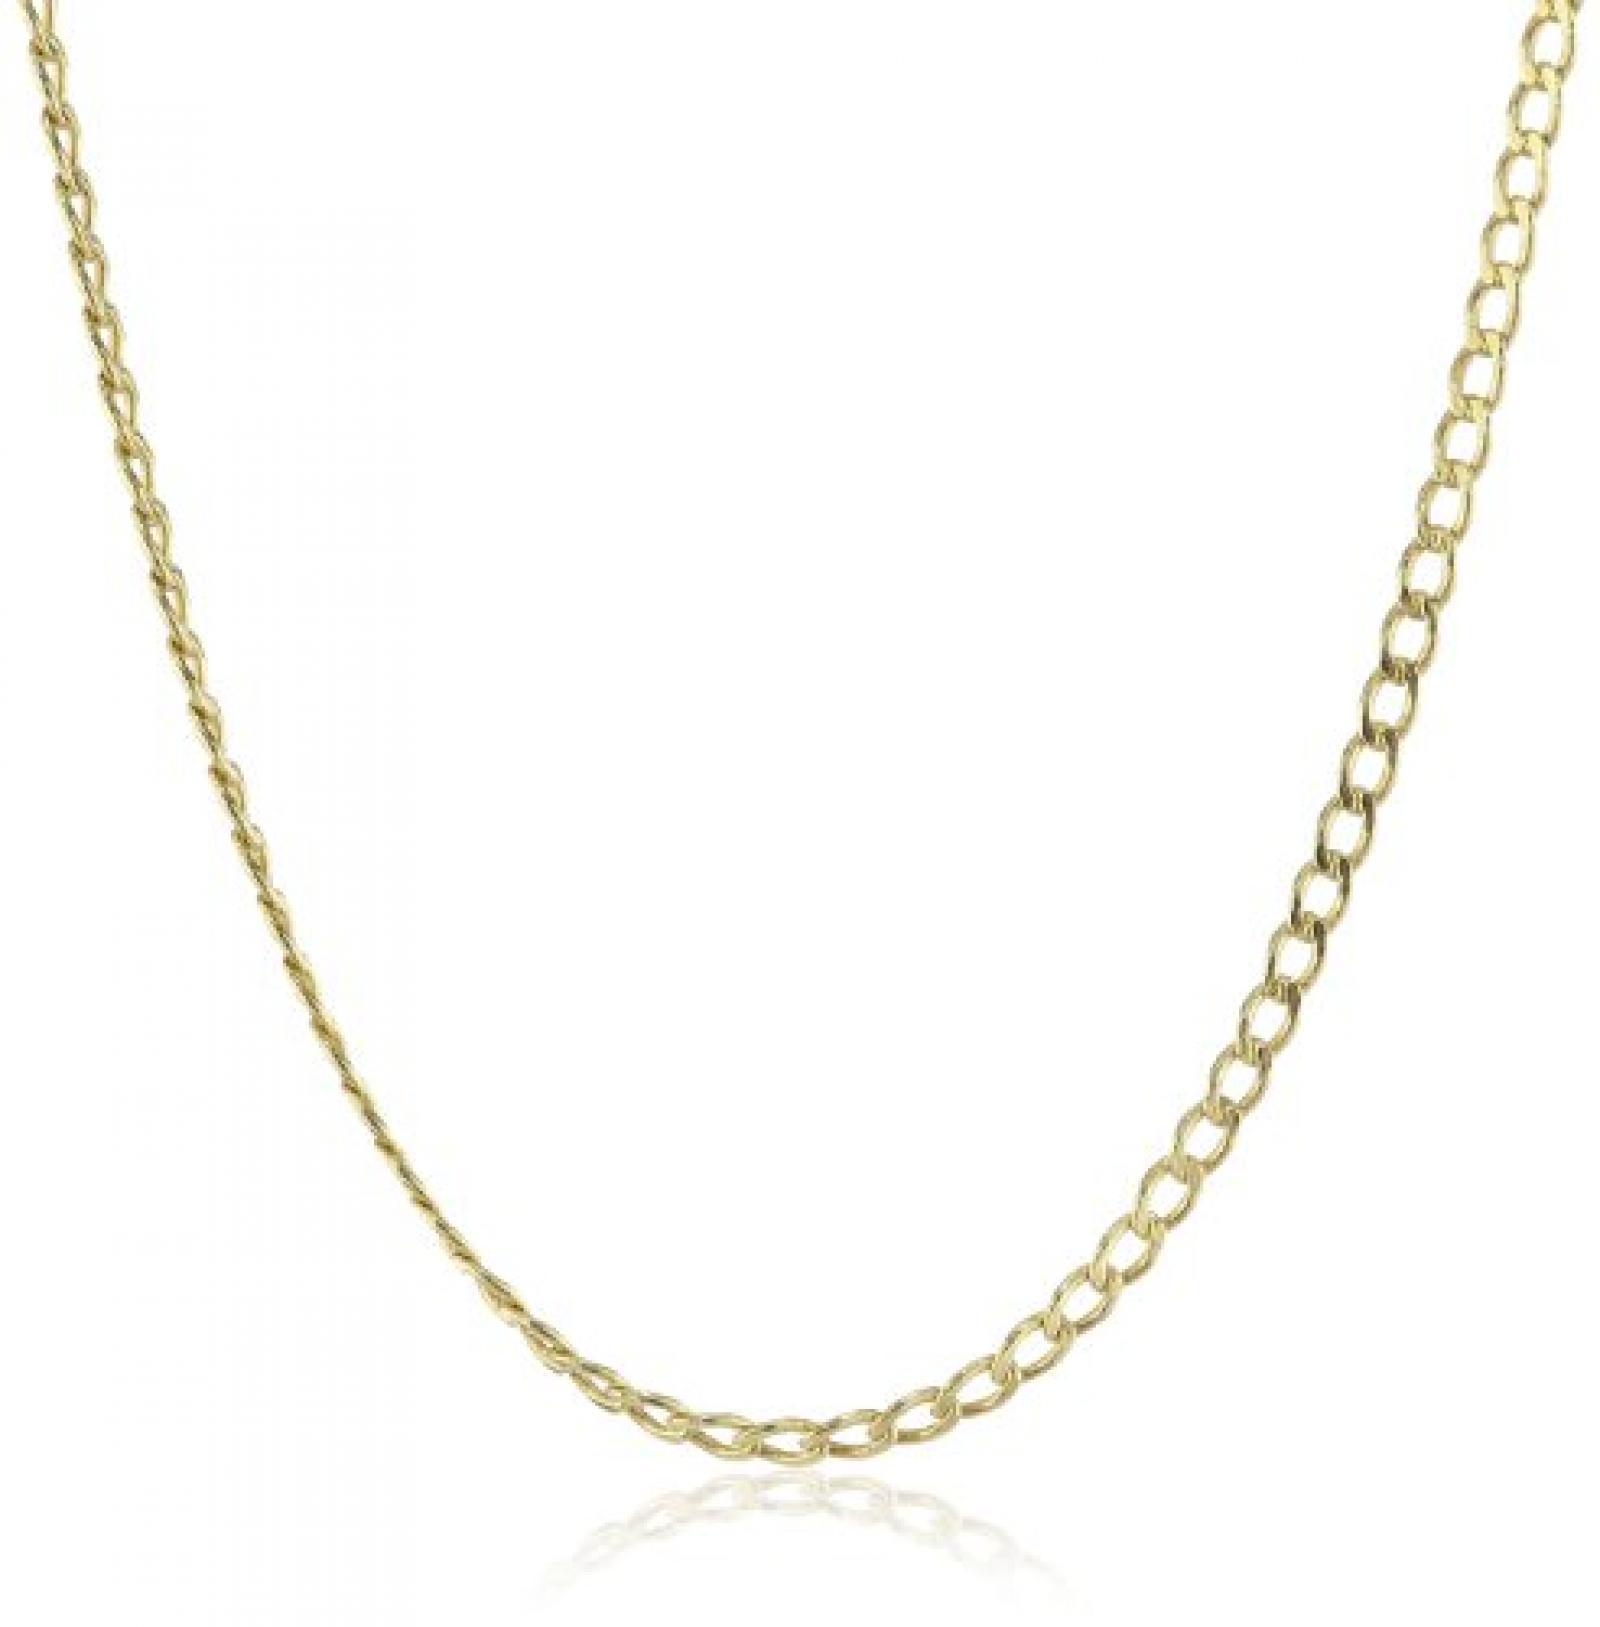 Amor Jewelry Damen-Halskette 14 Karat 585 Gelbgold 430012